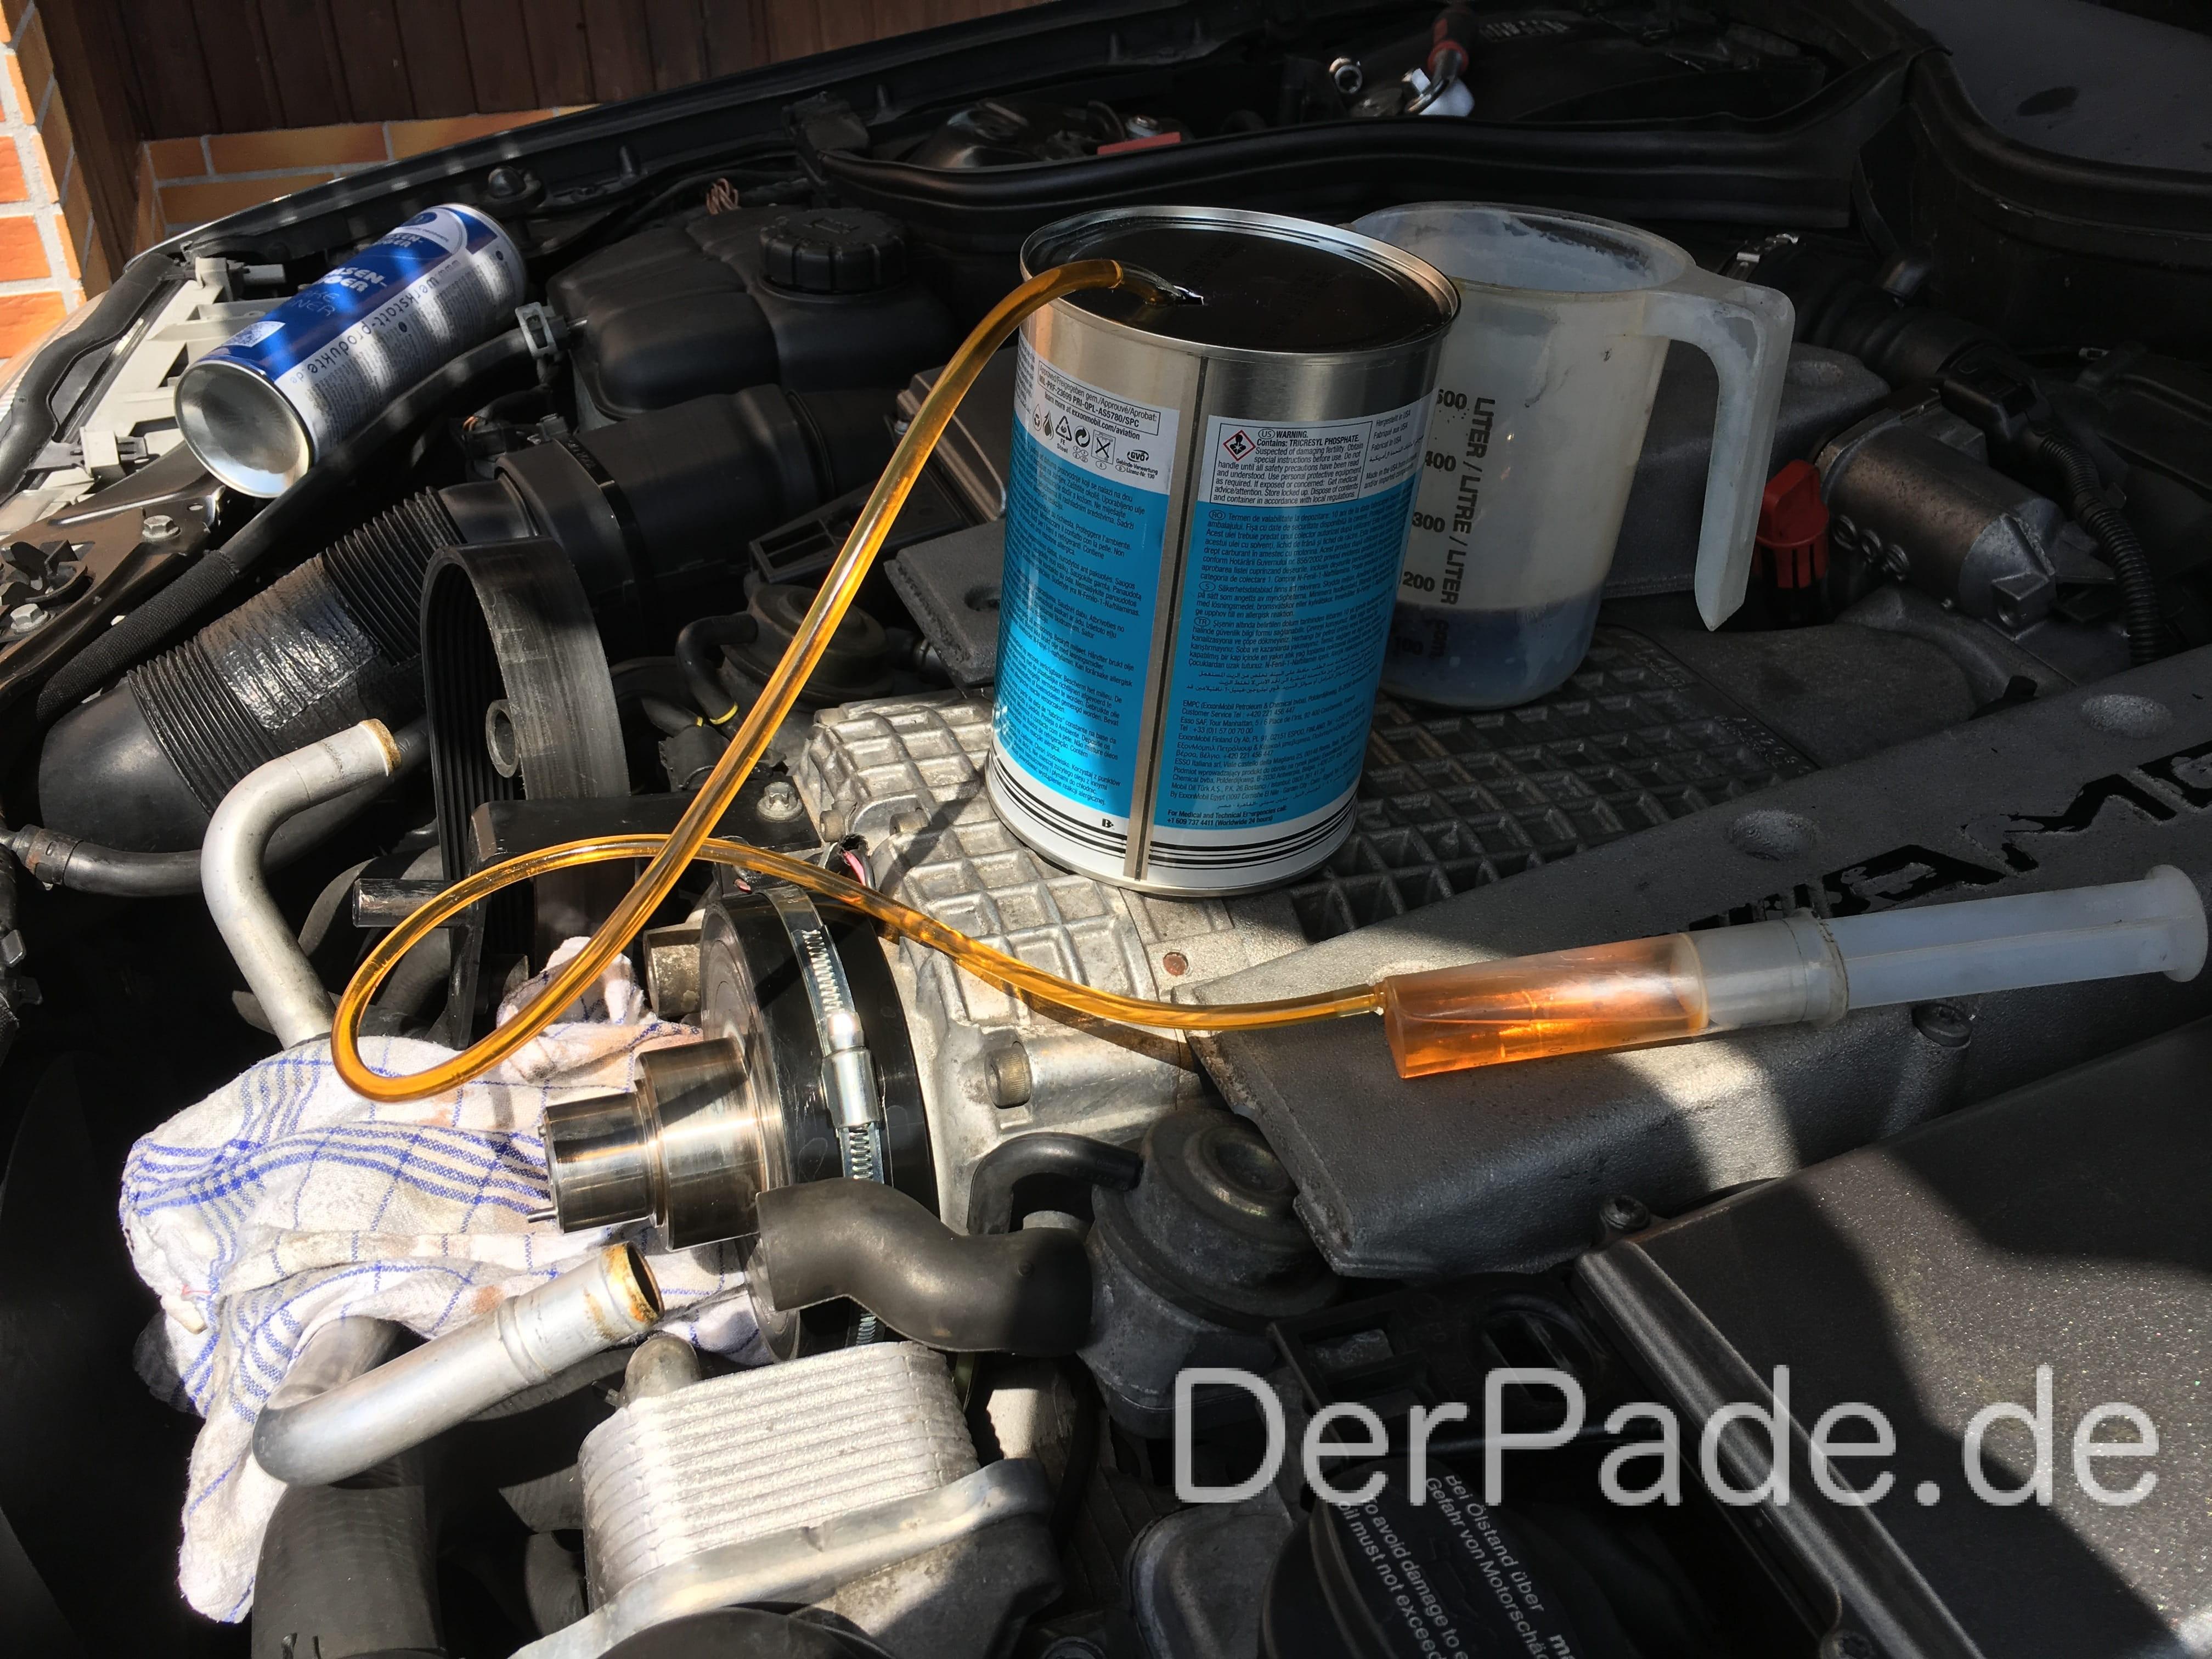 Anleitung: C32 AMG SLK32 AMG Kompressor Ölwechsel